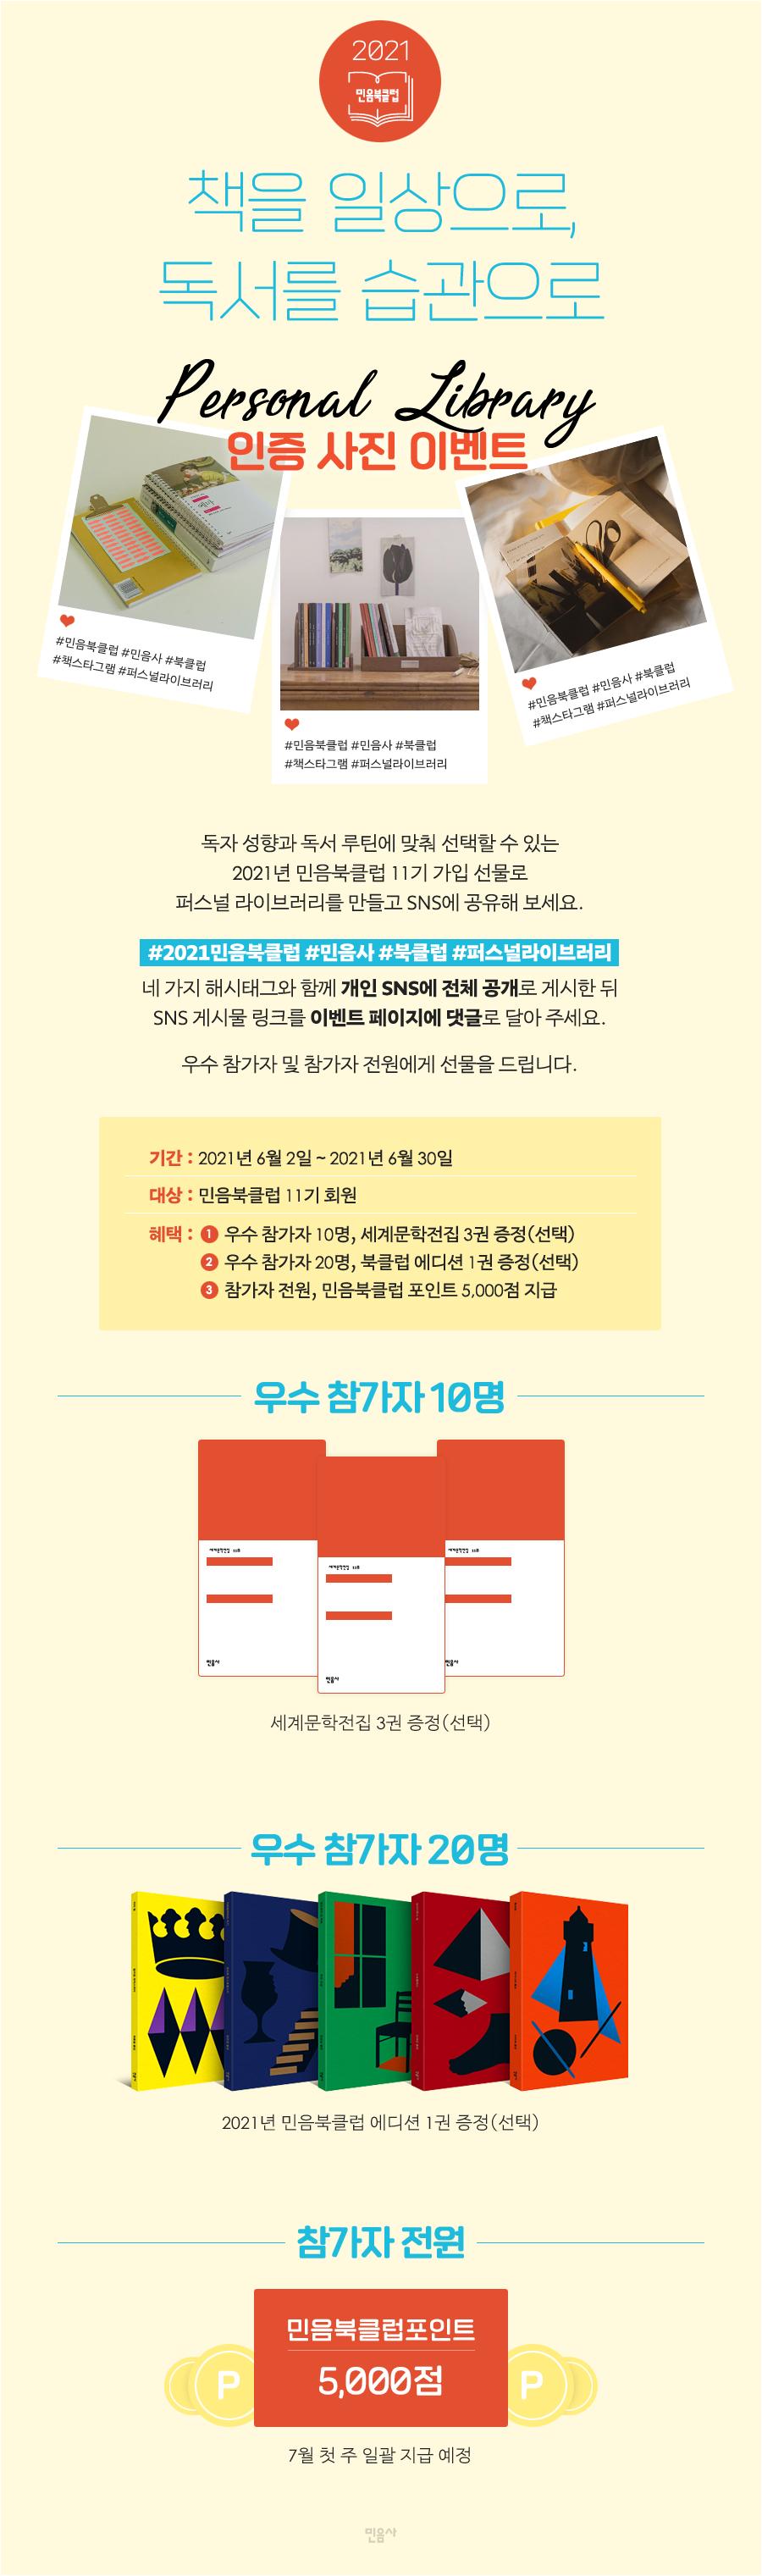 900_민음북클럽_인증사진이벤트_01